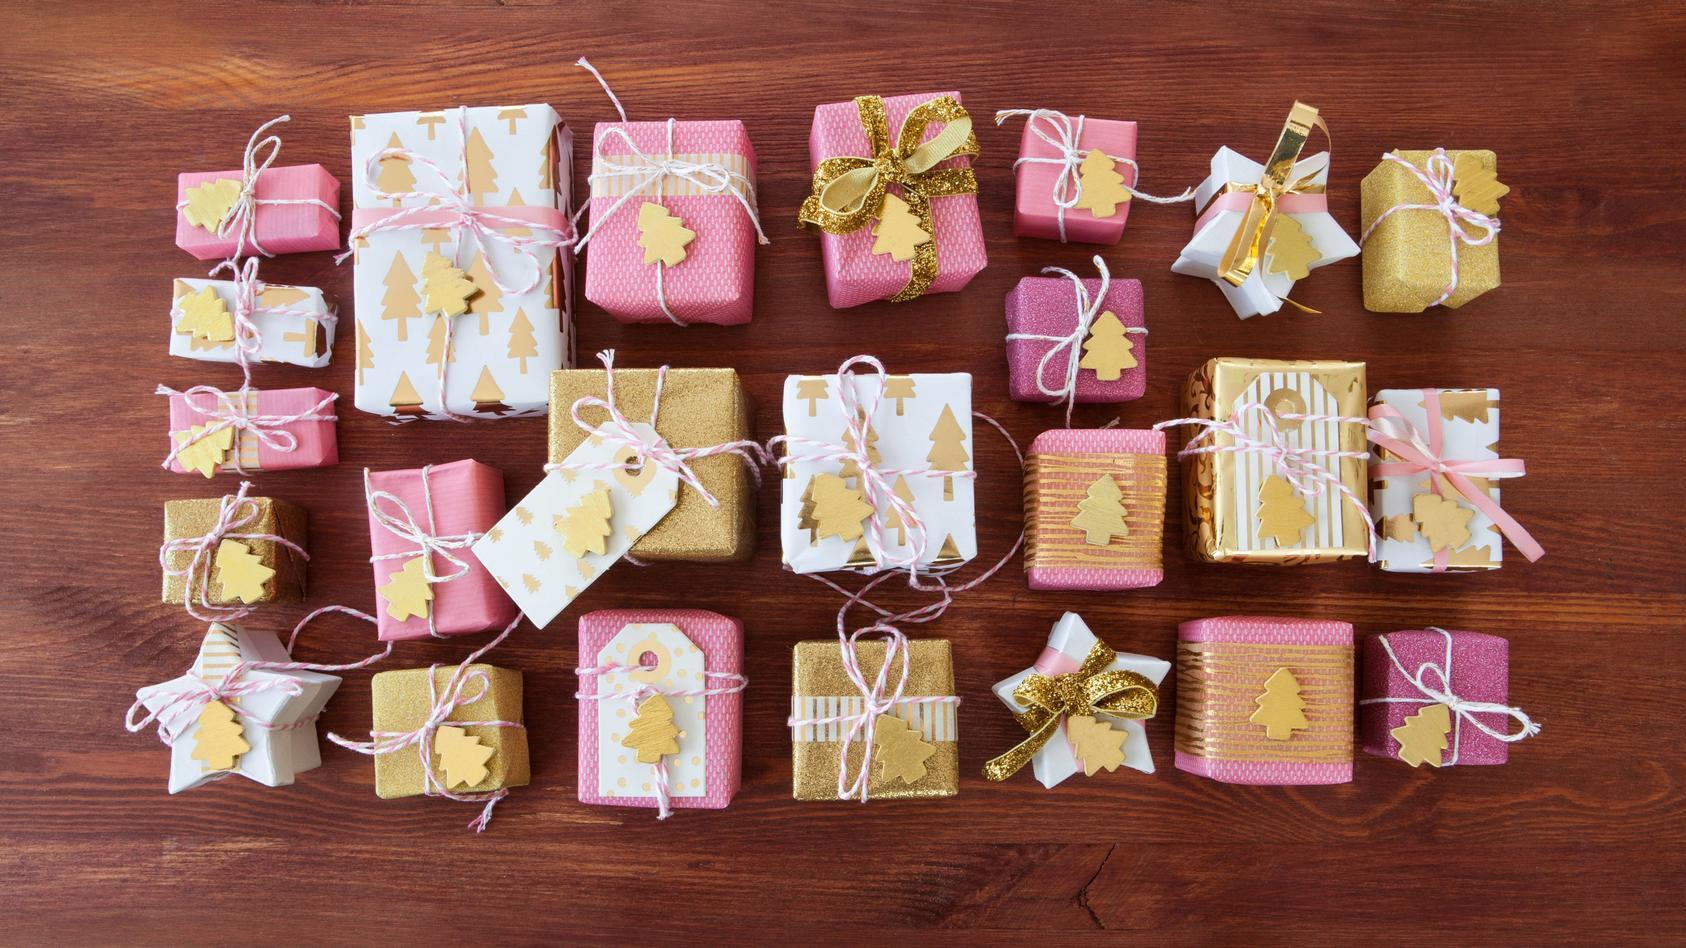 Festlich verpackte Geschenke zu Weihnachten auf Hintergrund aus Holz - Little christmas presentse *** Festively wrapped